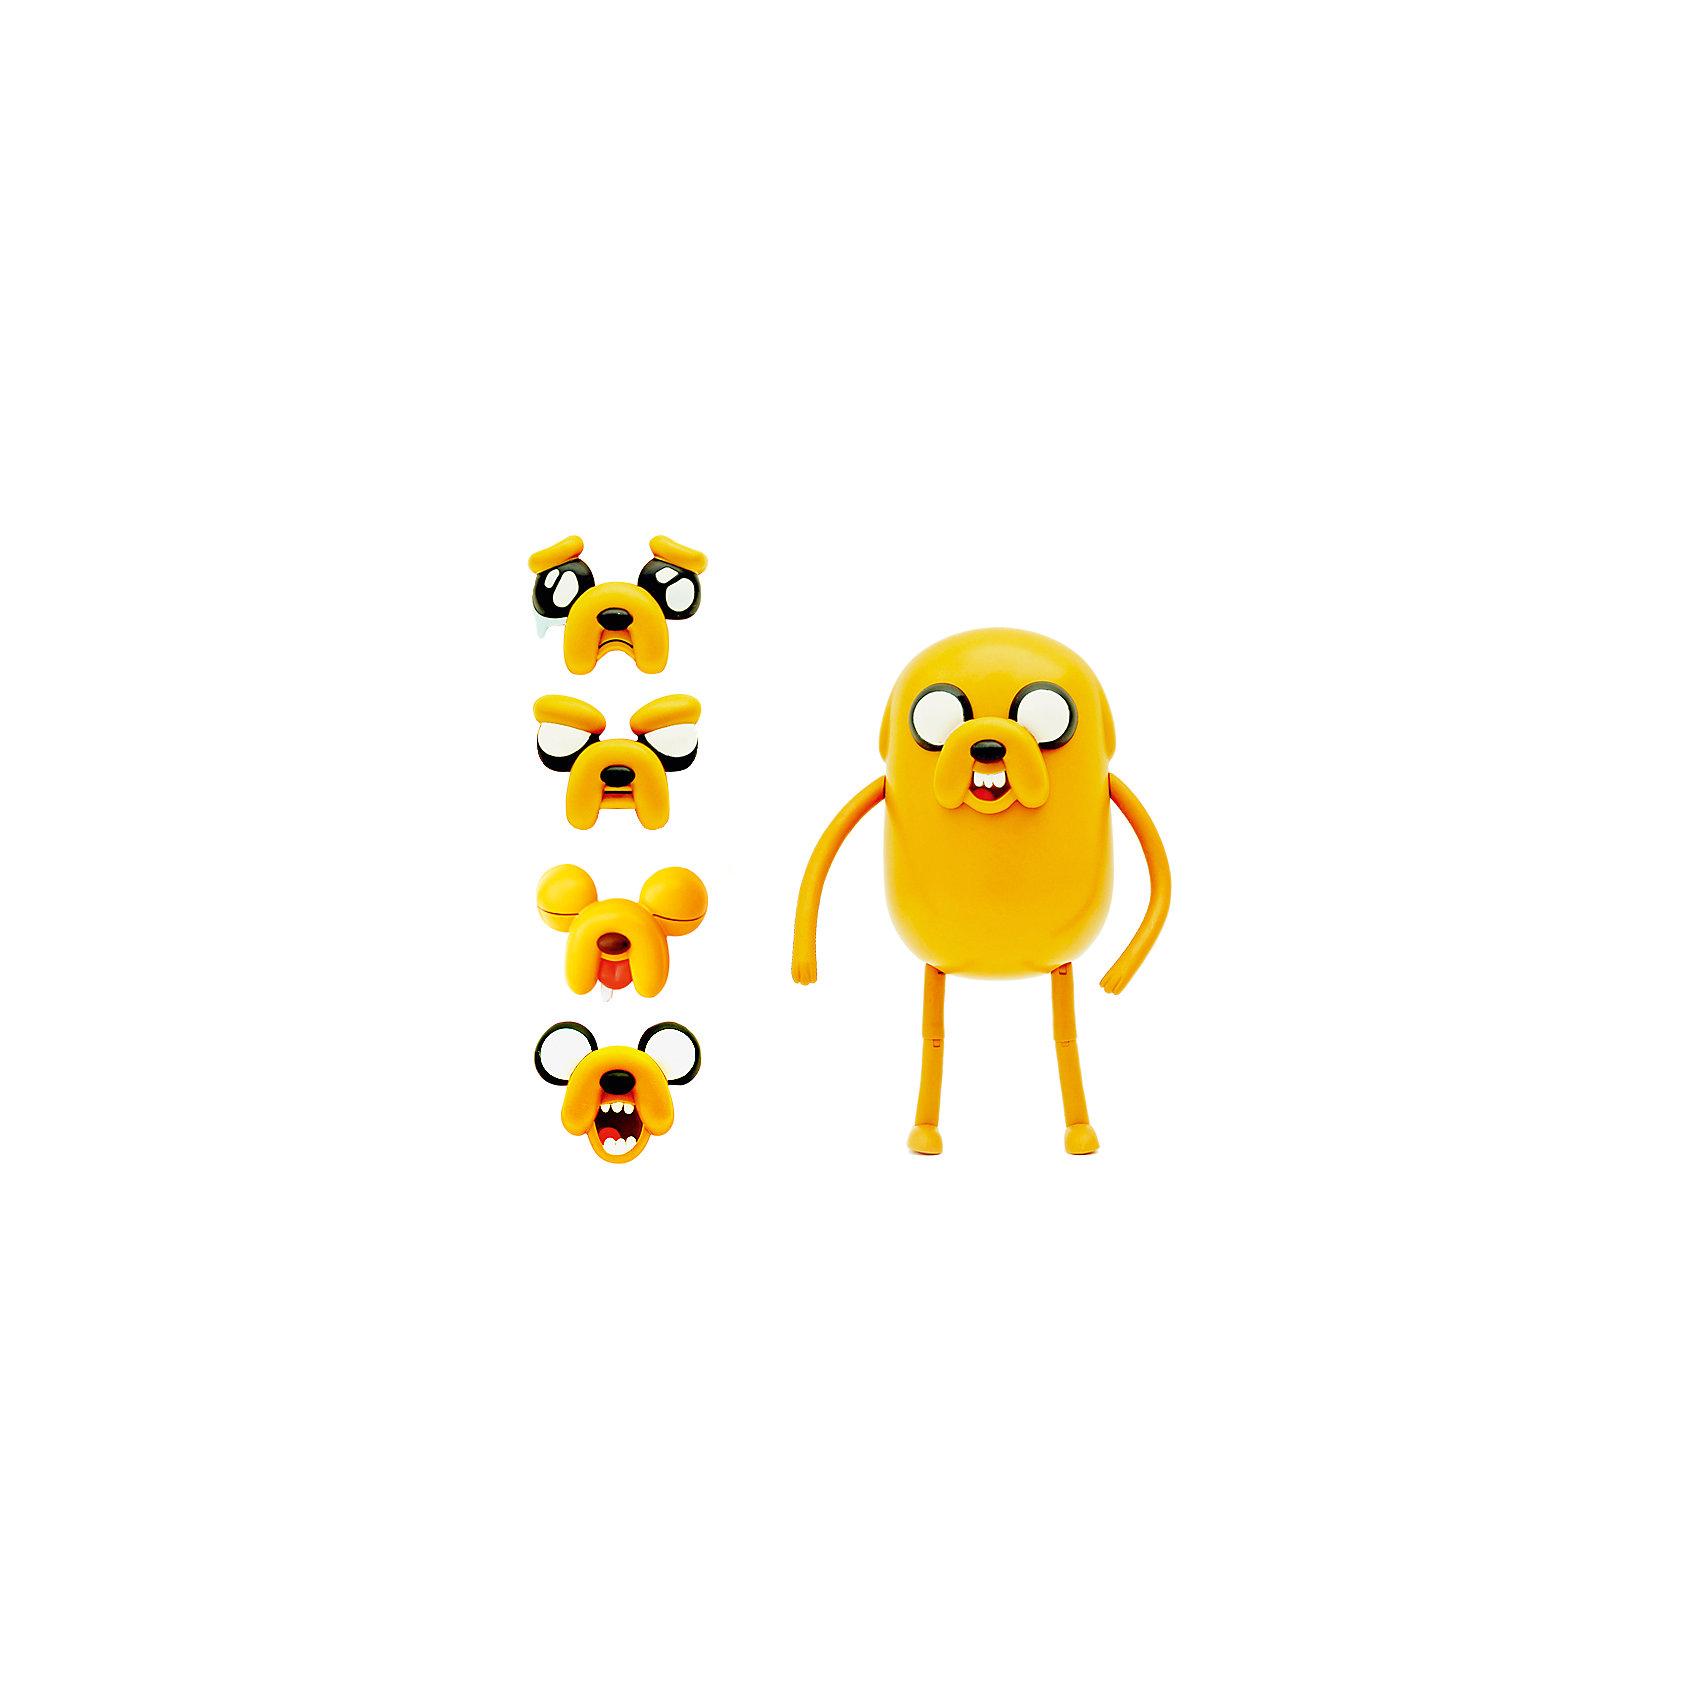 Фигурка Джейк, 25 см, Время приключенийЗабавная фигурка Джейка непременно понравится всем любителям мультсериала Время приключений (Adventure Time). Джейк - волшебный пёс, лучший друг Финна и его сводный брат. Он выглядит как жёлтый бульдог с большими глазами. Джейк умеет растягиваться и управлять своим телом, заставляя его принимать любую форму. Большая фигурка  имеет несколько точек артикуляции, двигаются и сгибаются  руки и ноги, а так же можно  изменить выражения лица.<br><br>Дополнительная информация:<br><br>- Материал: пластик.<br>- Высота фигурки: 25 см. <br>- Подвижные руки и ноги.<br>- Можно изменять выражение лица.<br><br>Фигурку Джейка, 25 см, Время приключений, можно купить в нашем магазине.<br><br>Ширина мм: 150<br>Глубина мм: 400<br>Высота мм: 400<br>Вес г: 500<br>Возраст от месяцев: 72<br>Возраст до месяцев: 144<br>Пол: Унисекс<br>Возраст: Детский<br>SKU: 4130188